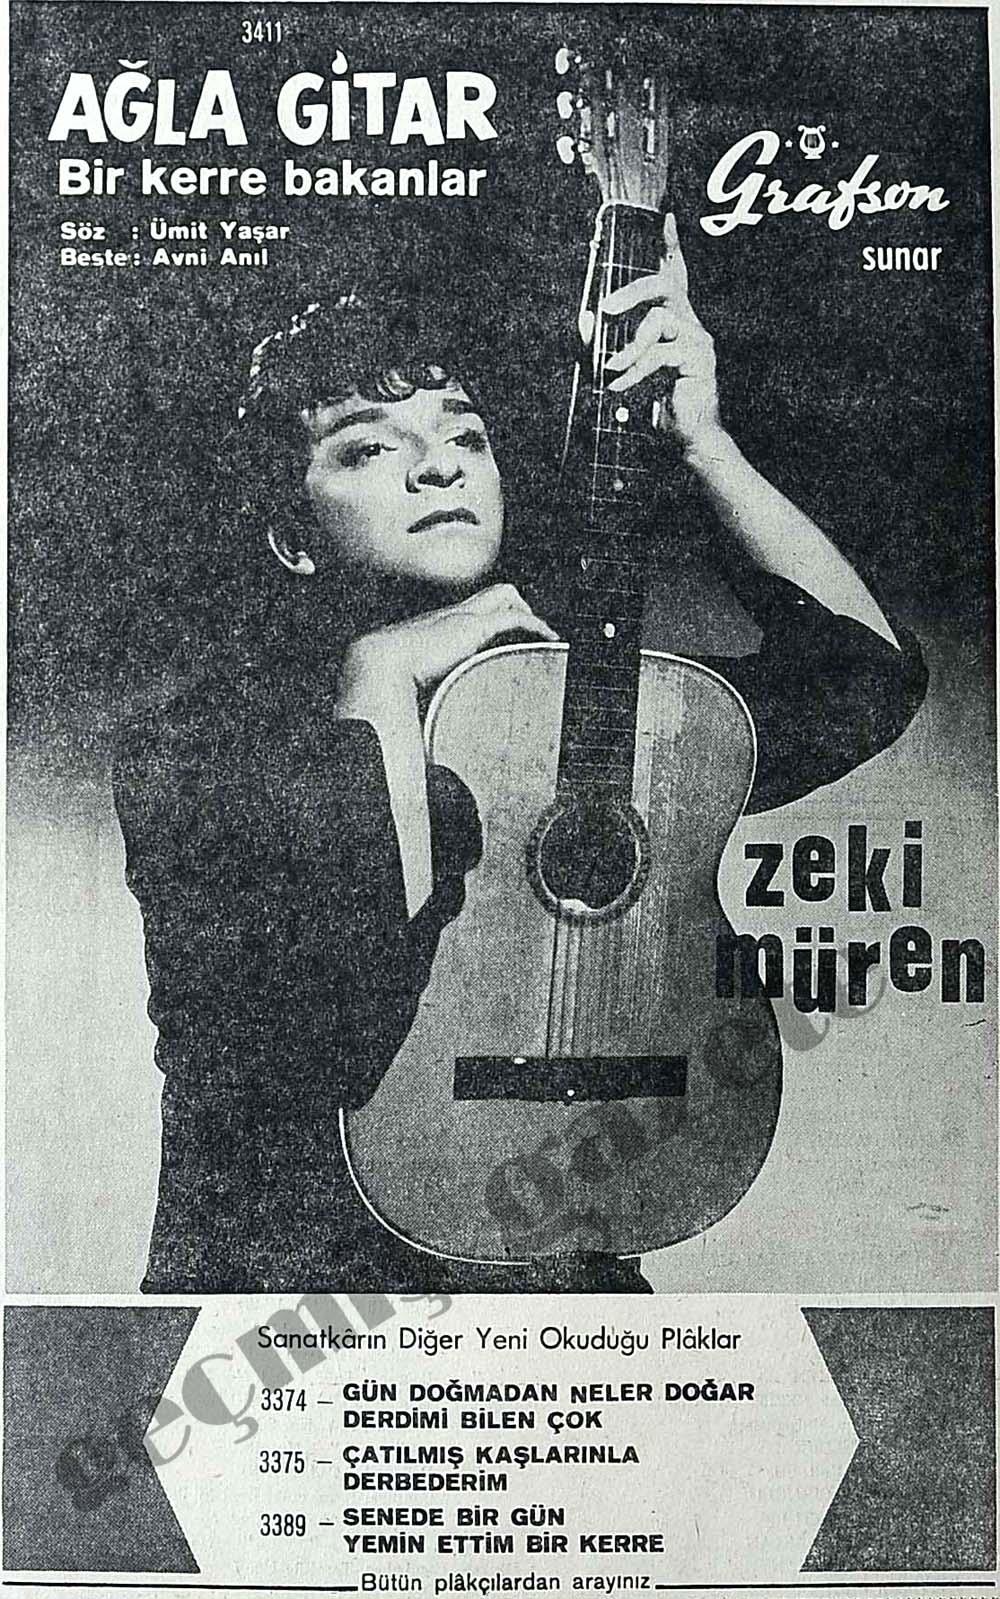 Ağla Gitar bir kerre bakanlar